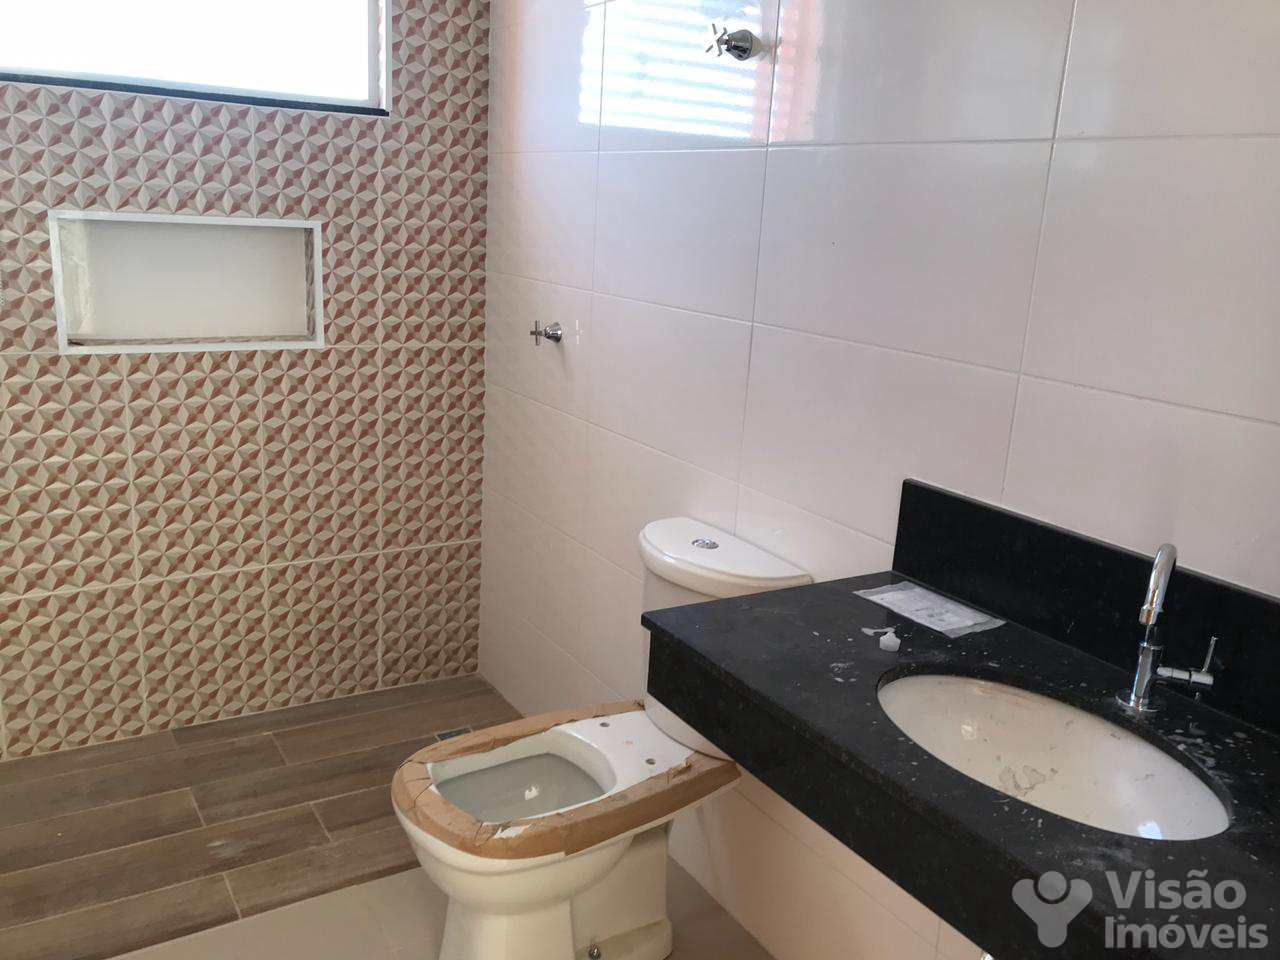 Sobrado de Condomínio com 3 dorms, Borba, Pindamonhangaba - R$ 650 mil, Cod: 1920002